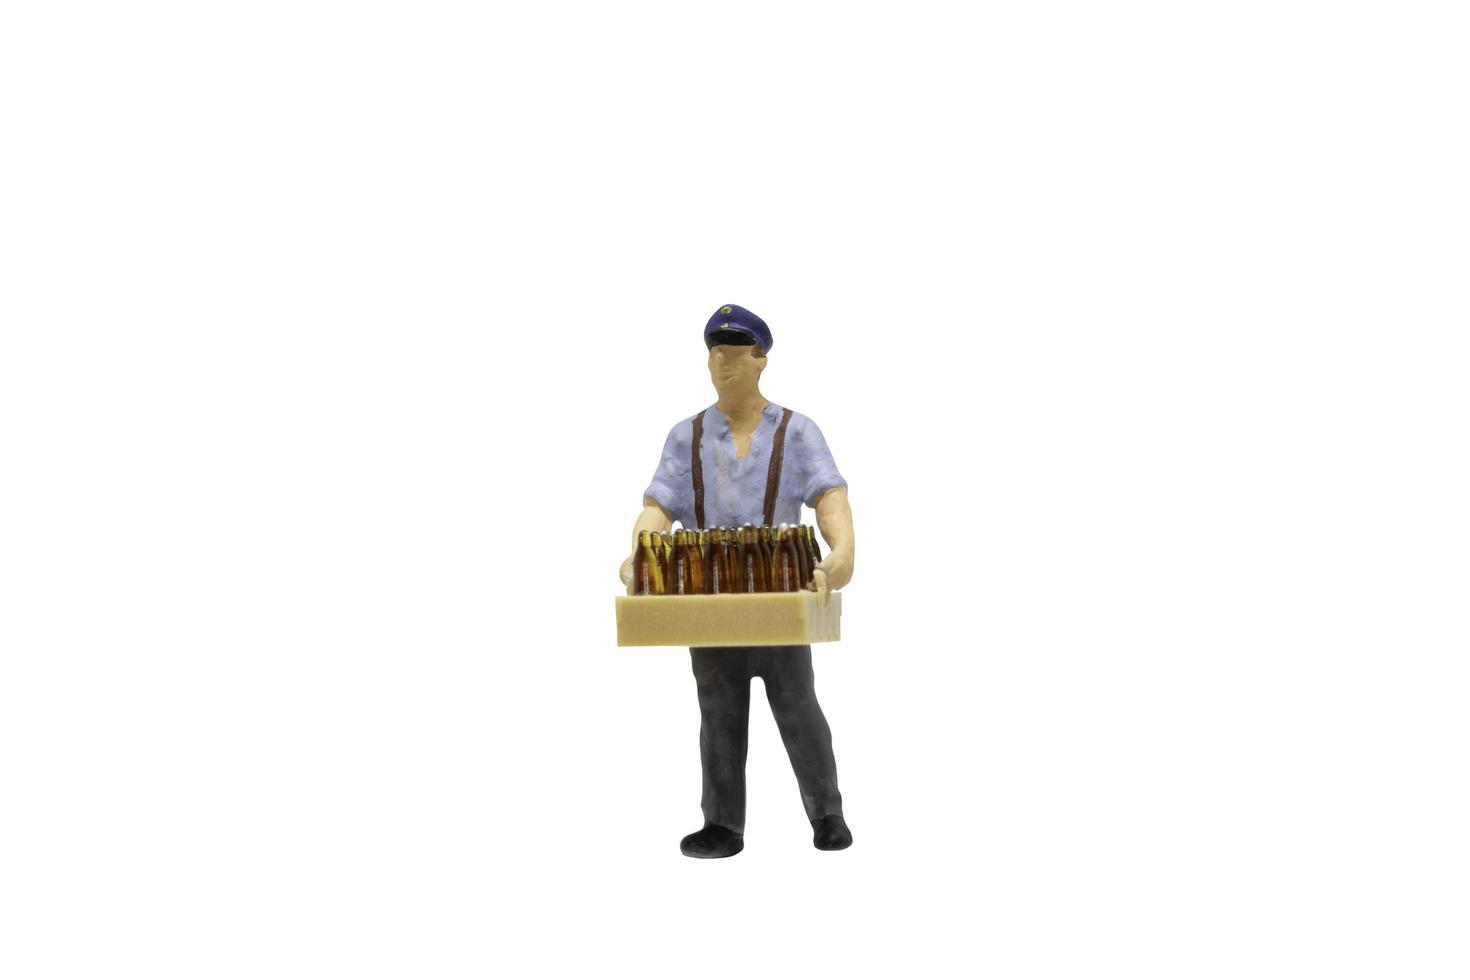 Miniaturfigur Arbeiter lokalisiert auf weißem Hintergrund foto